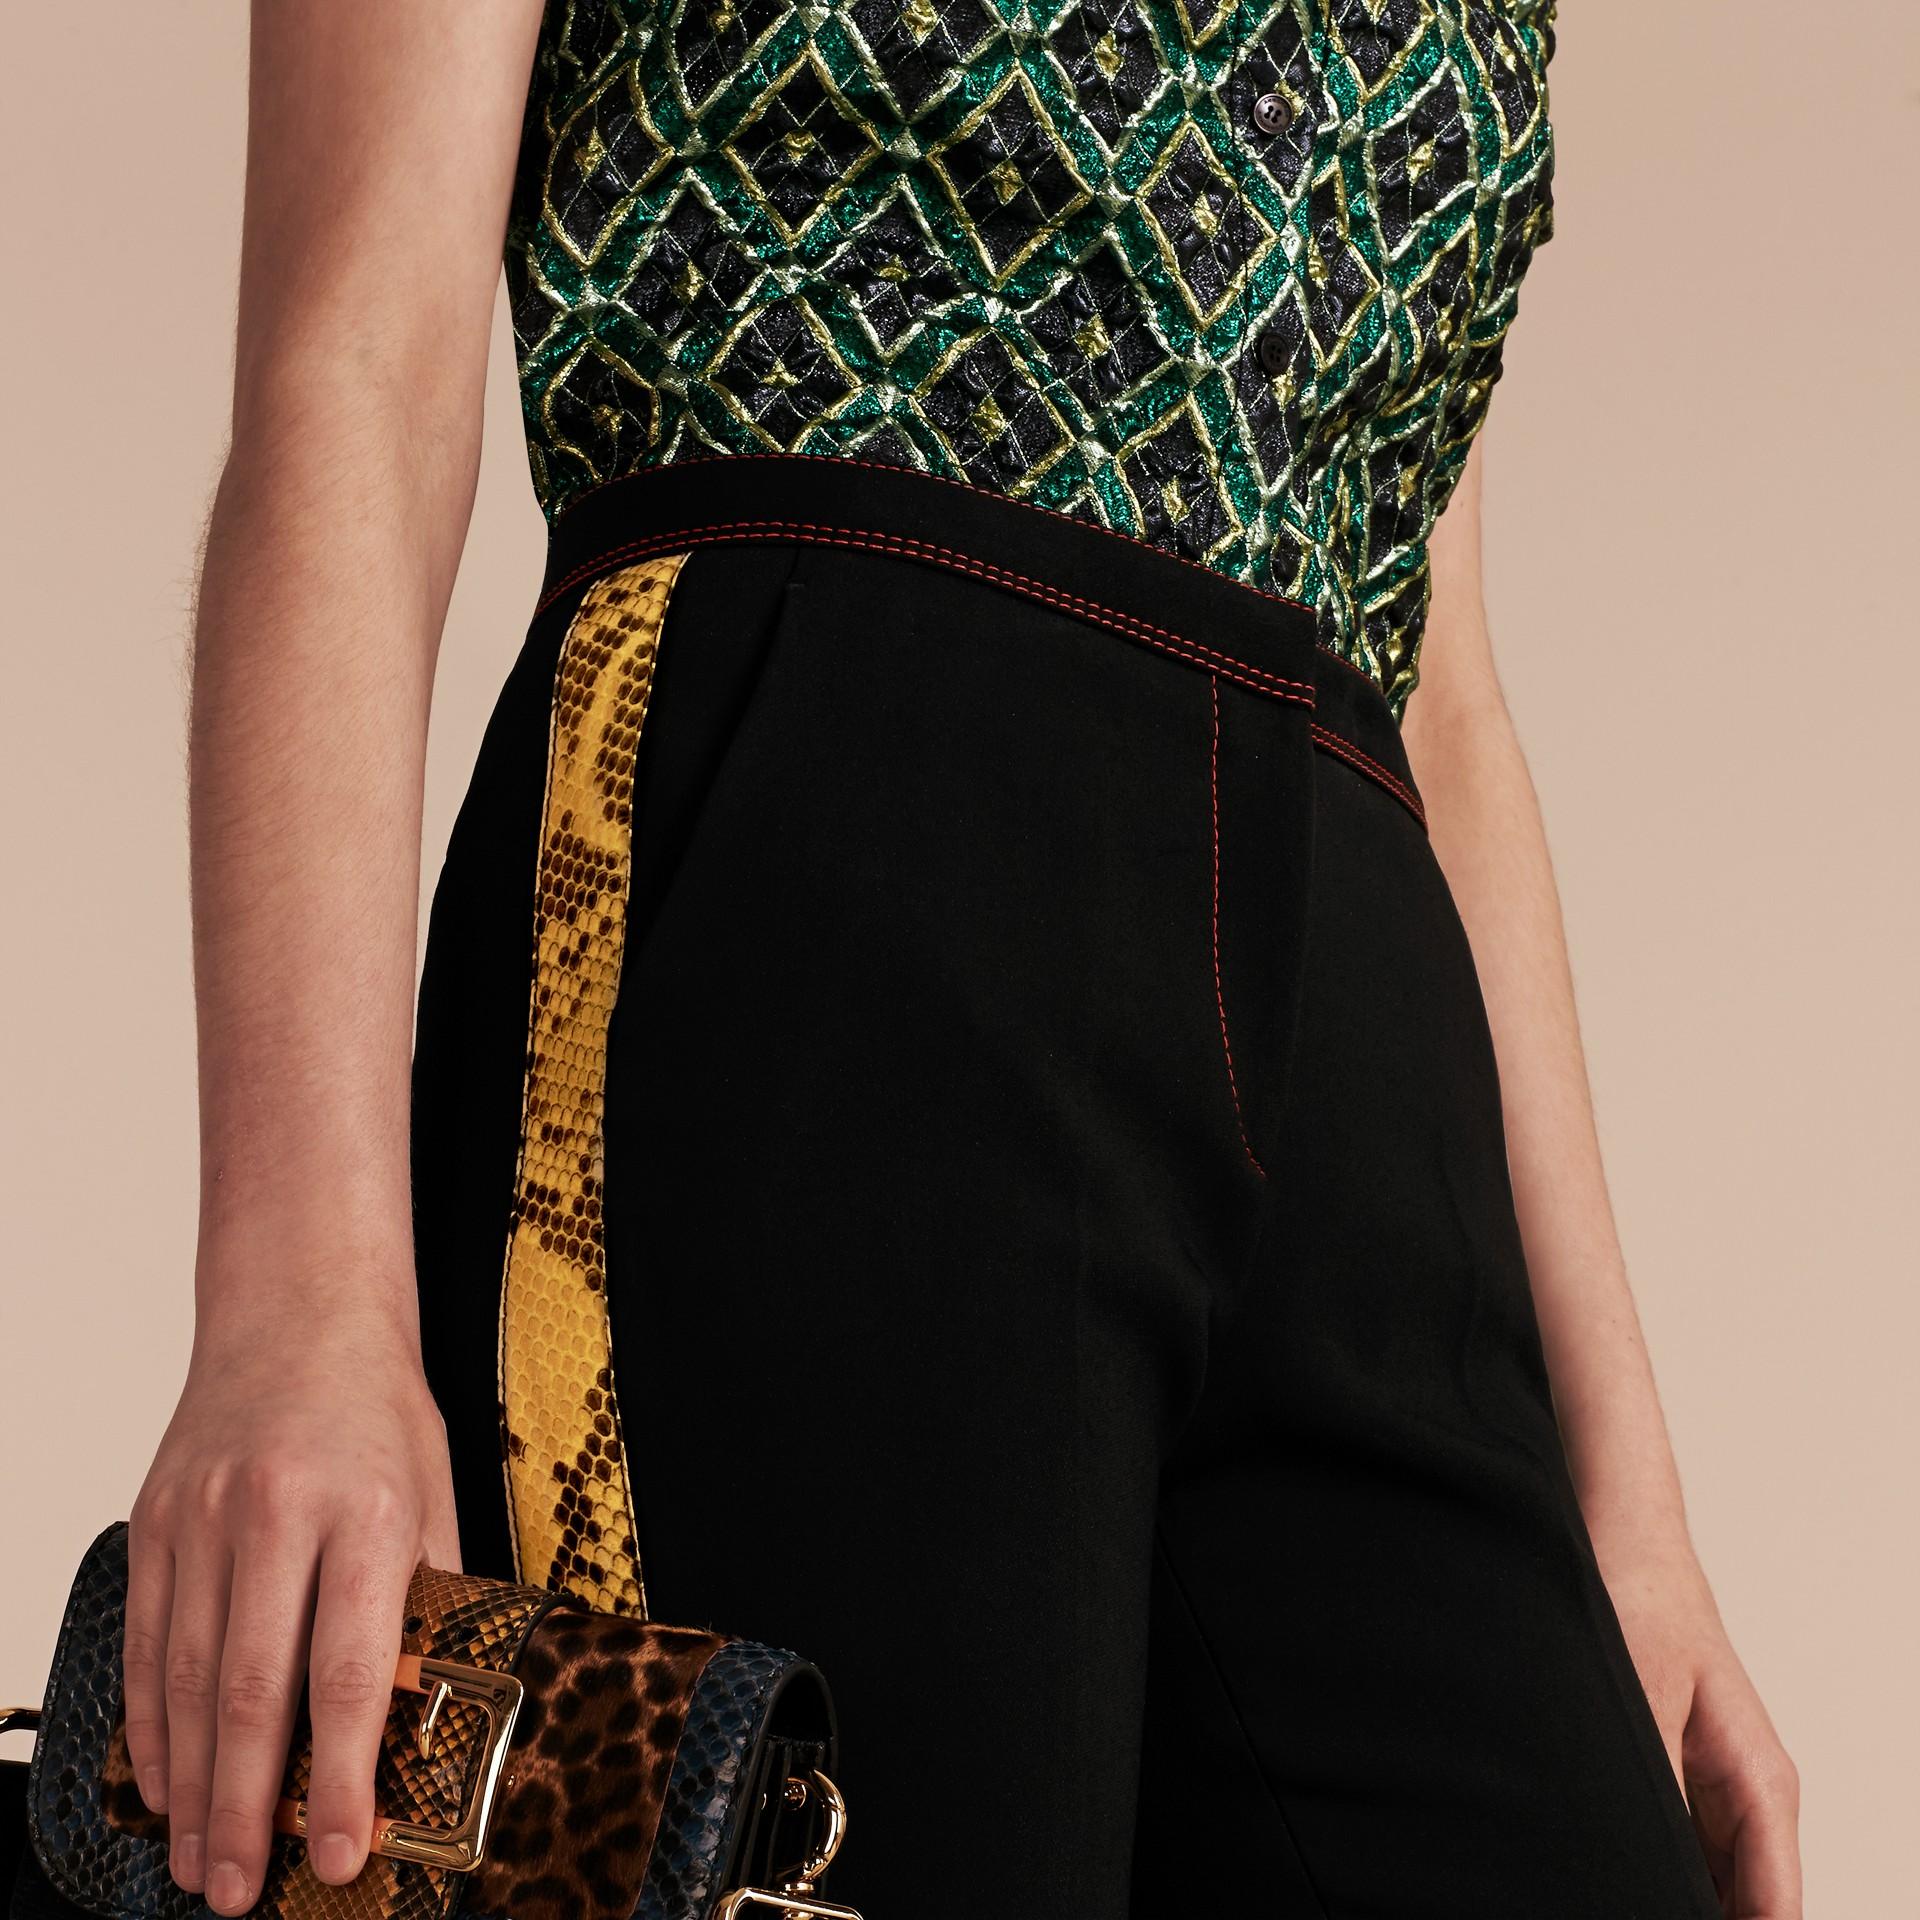 Schwarz Schmal geschnittene Hose mit kürzerer Beinlänge und Pythonmuster - Galerie-Bild 5